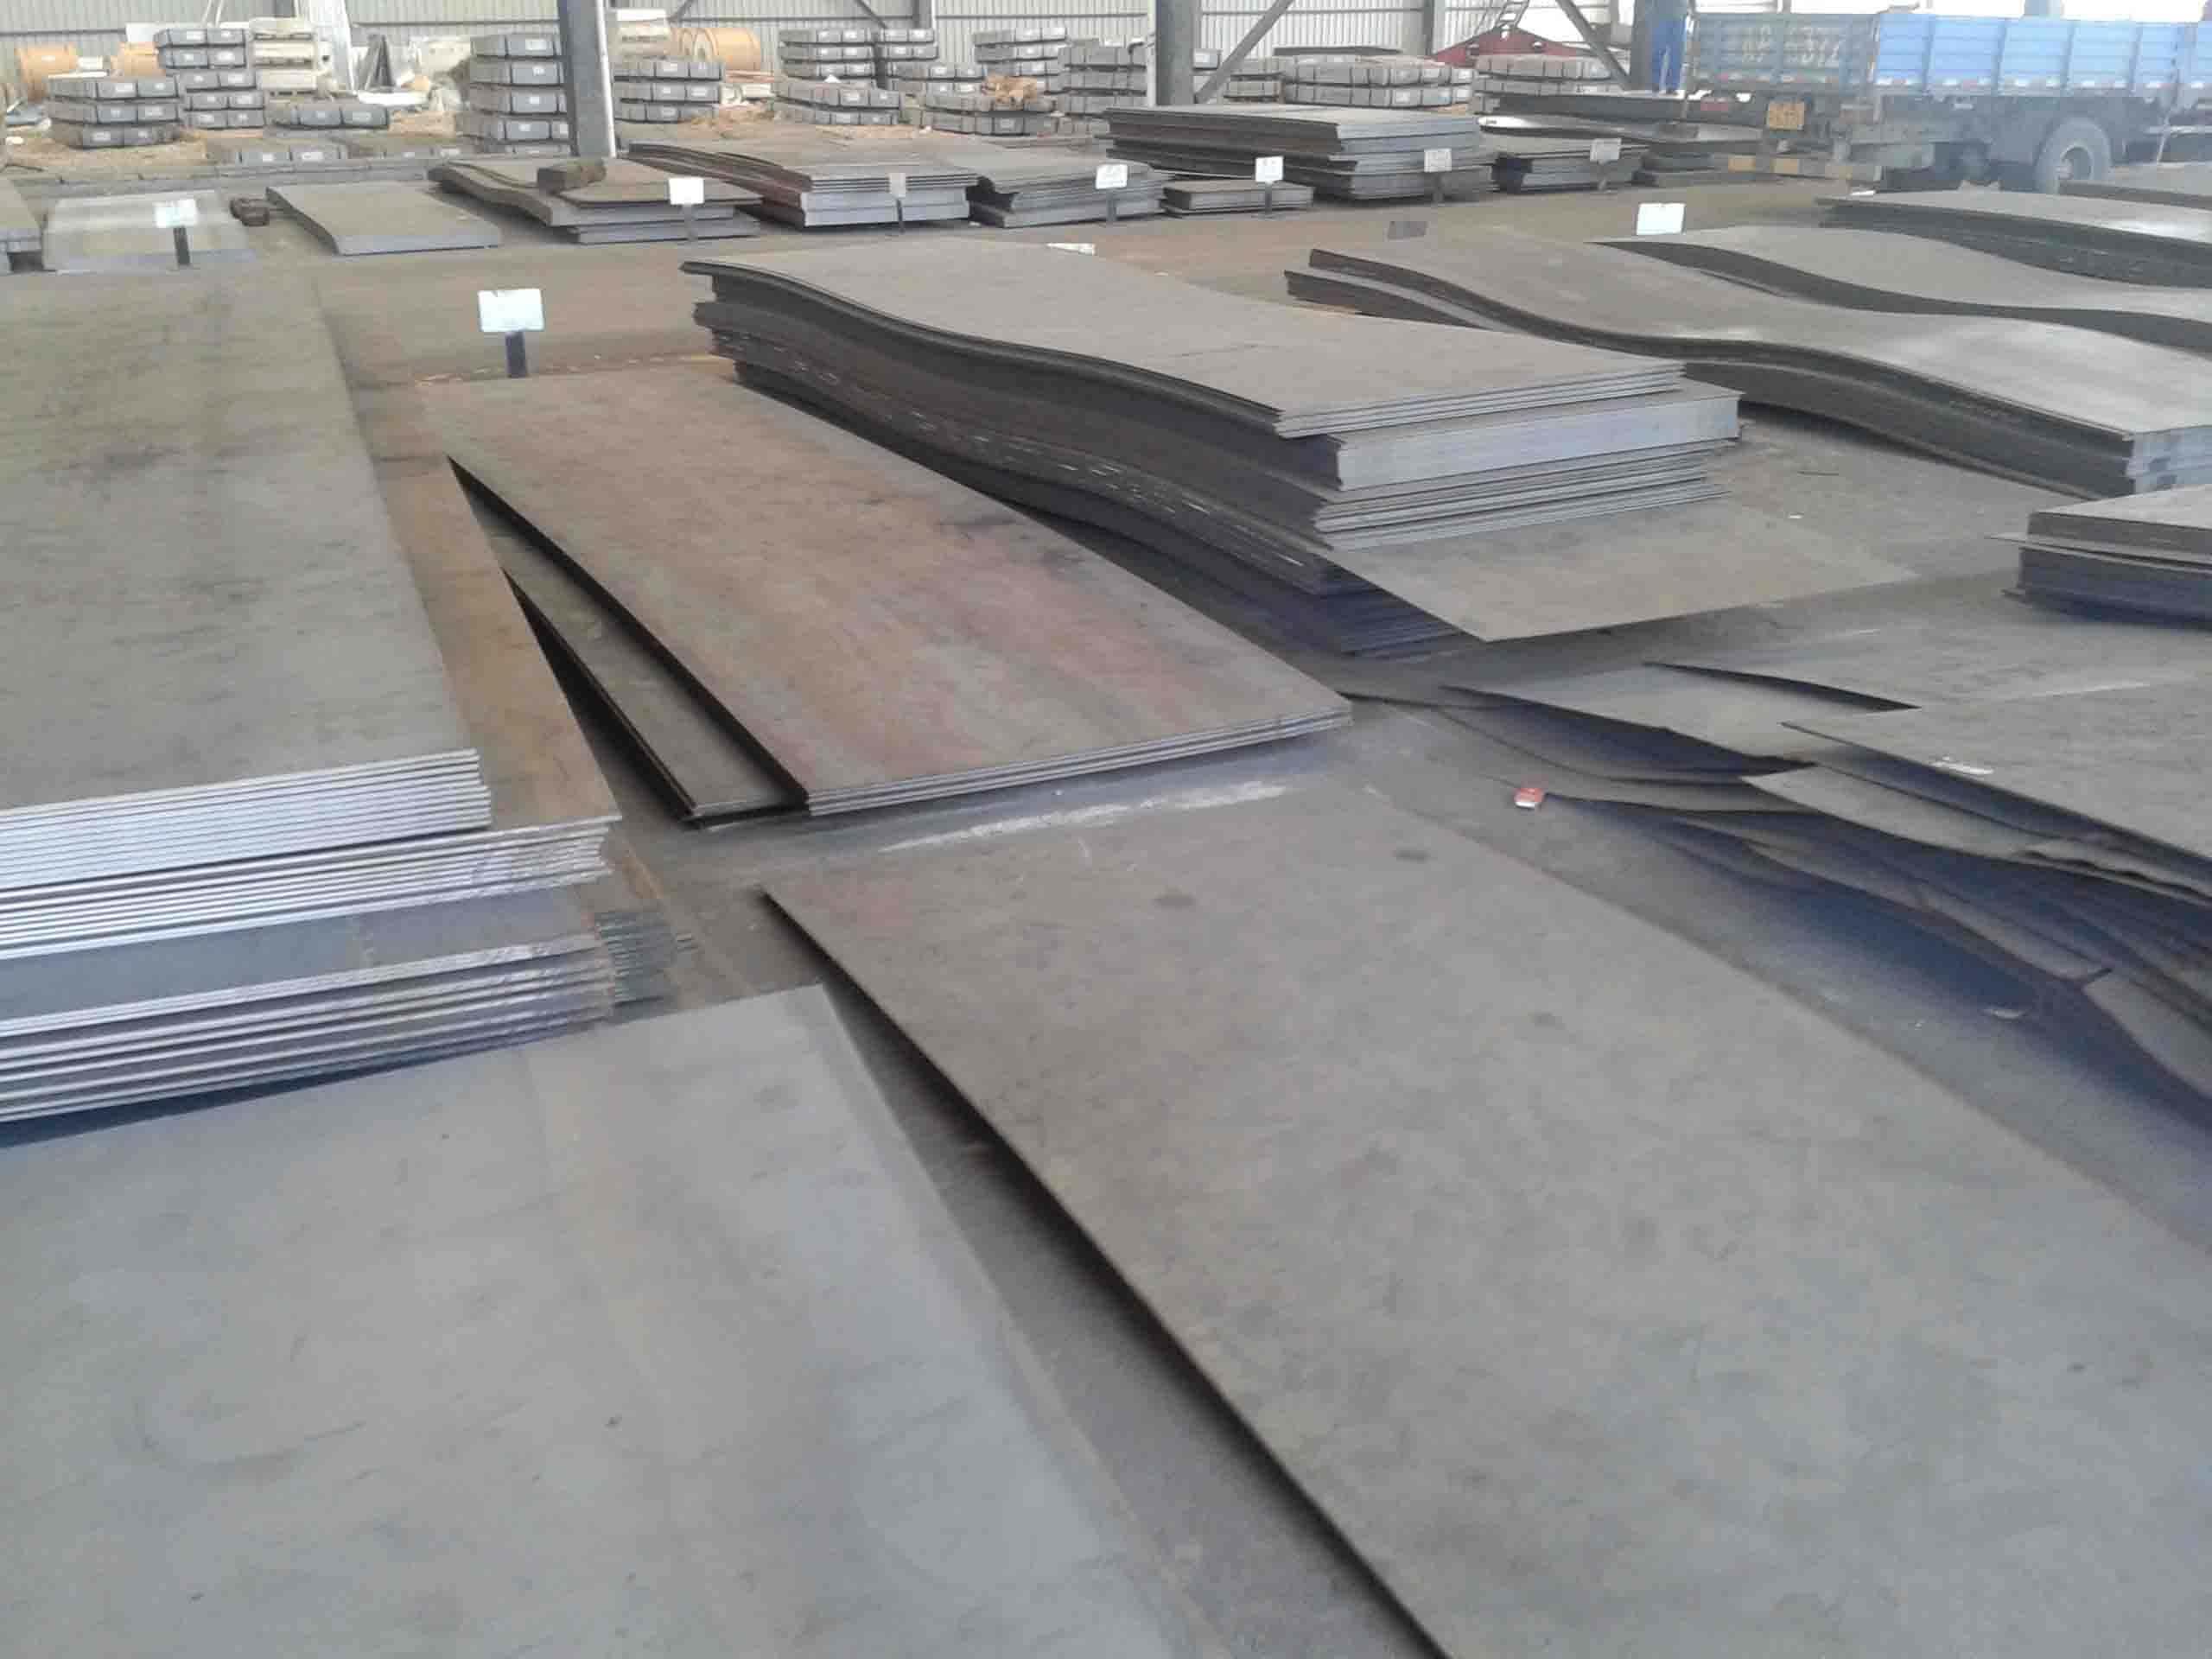 攀钢钢板骏云》云南昆明钢板价格|钢板销售经销商